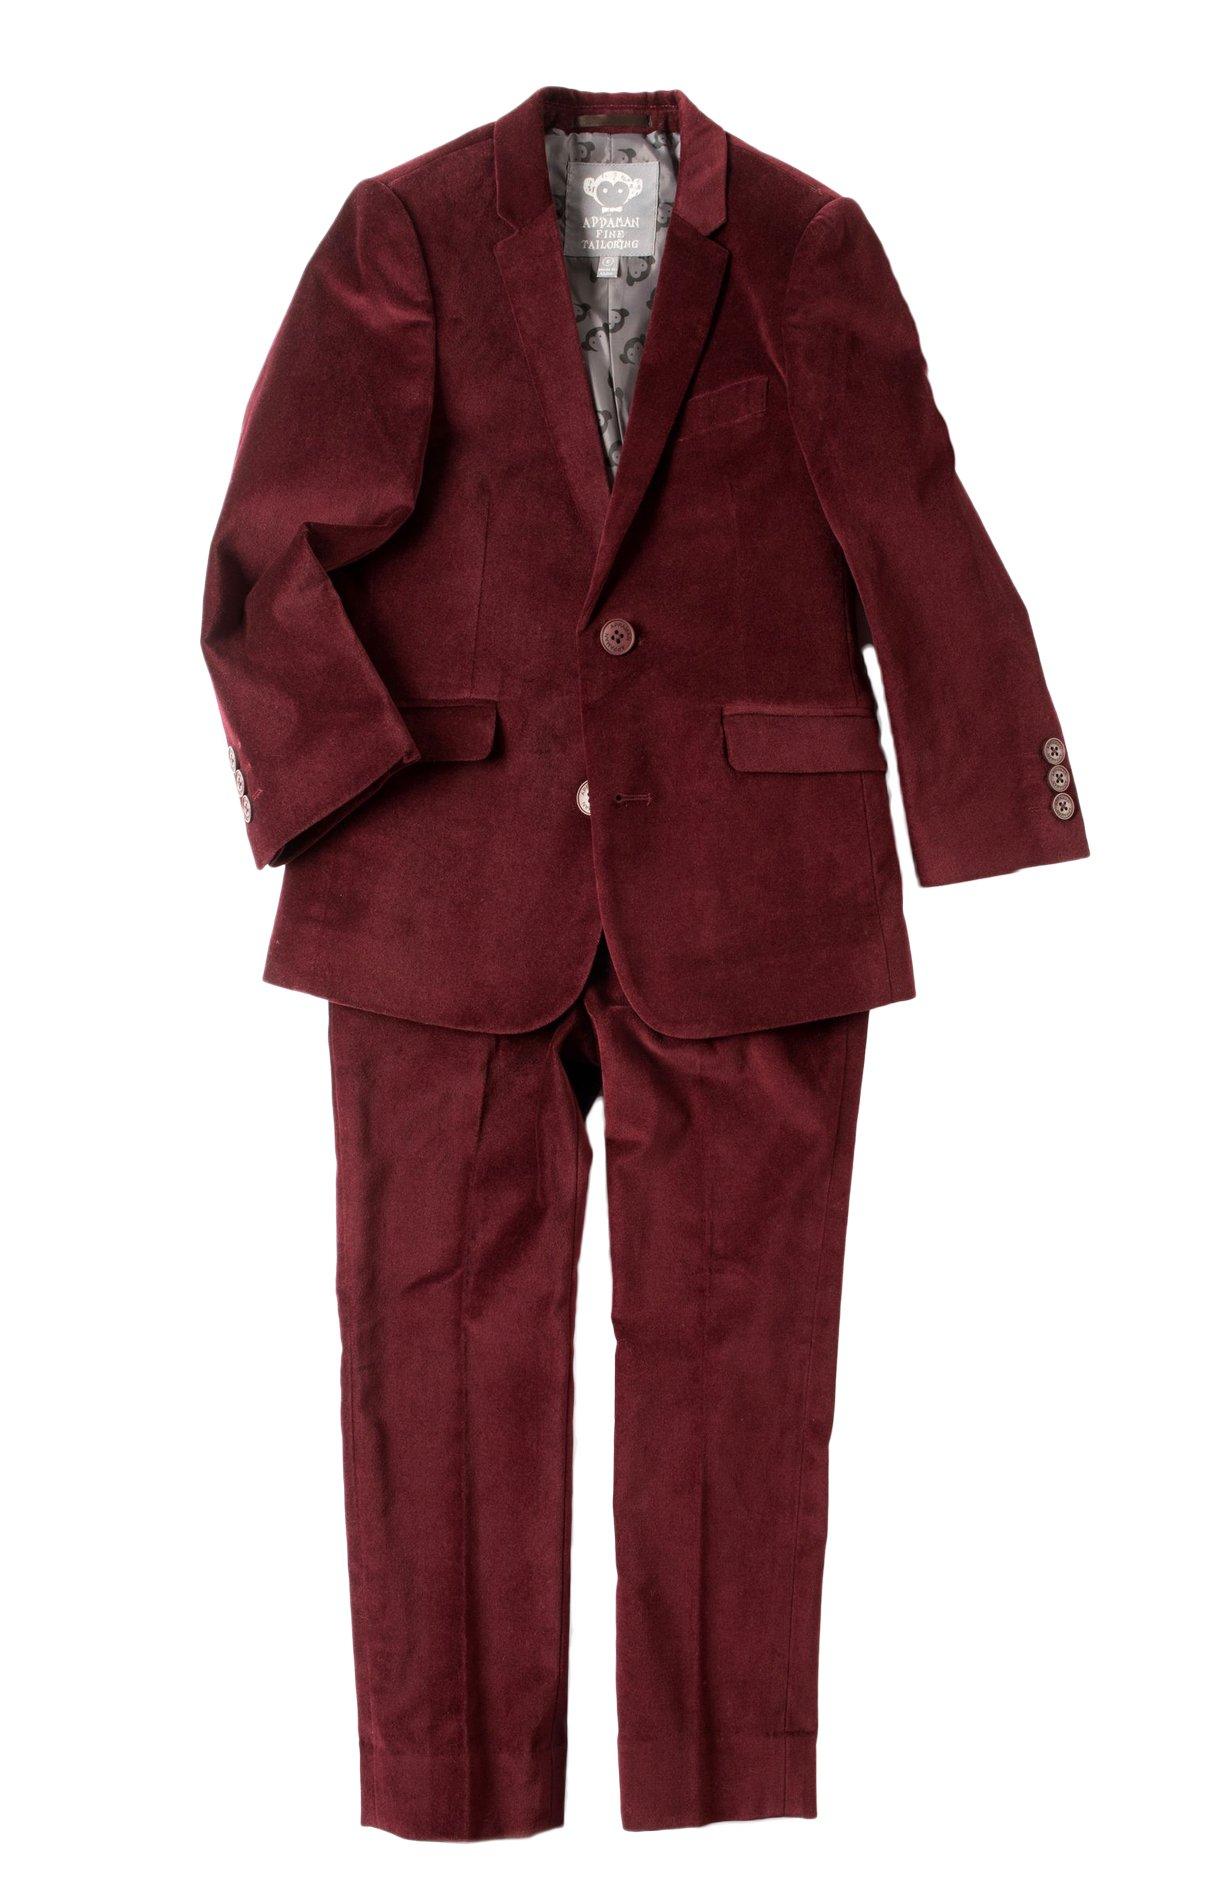 Appaman Big Boys' 2-PC Mod Suit in Tibetan Red Velvet 10